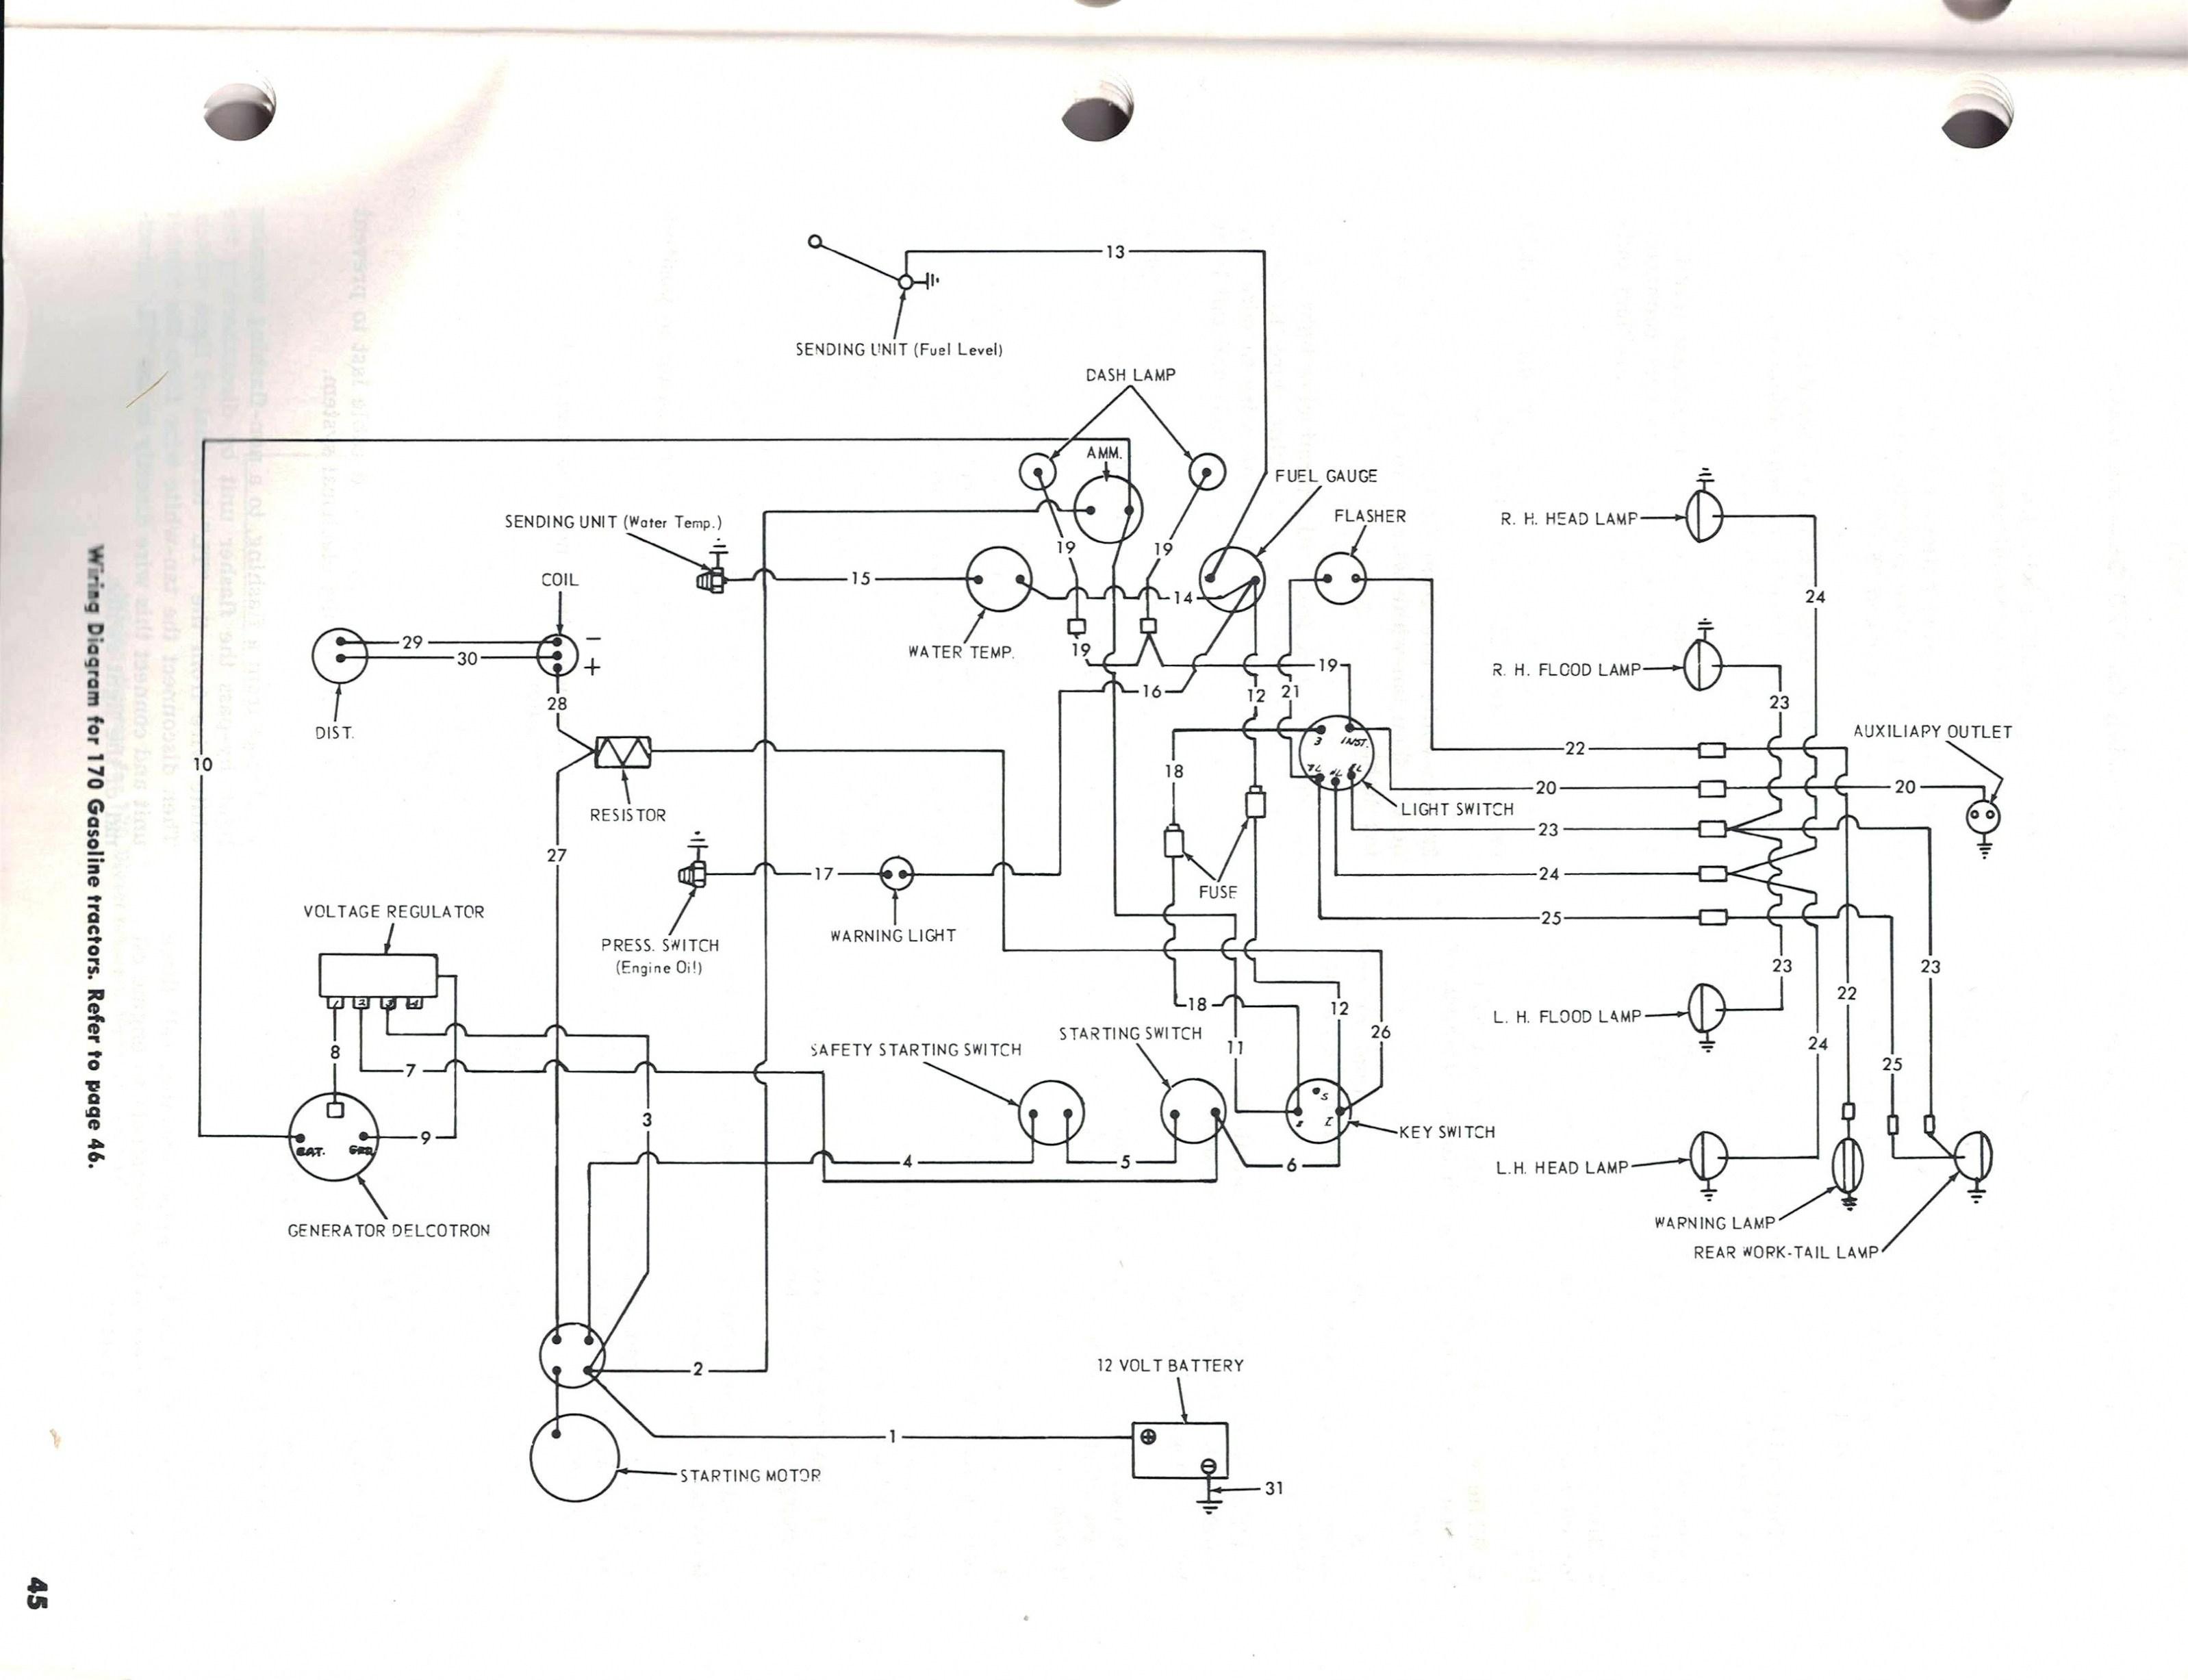 1950 Ford 8N Tractor Wiring Diagram | Wiring Diagram - 8N Wiring Diagram